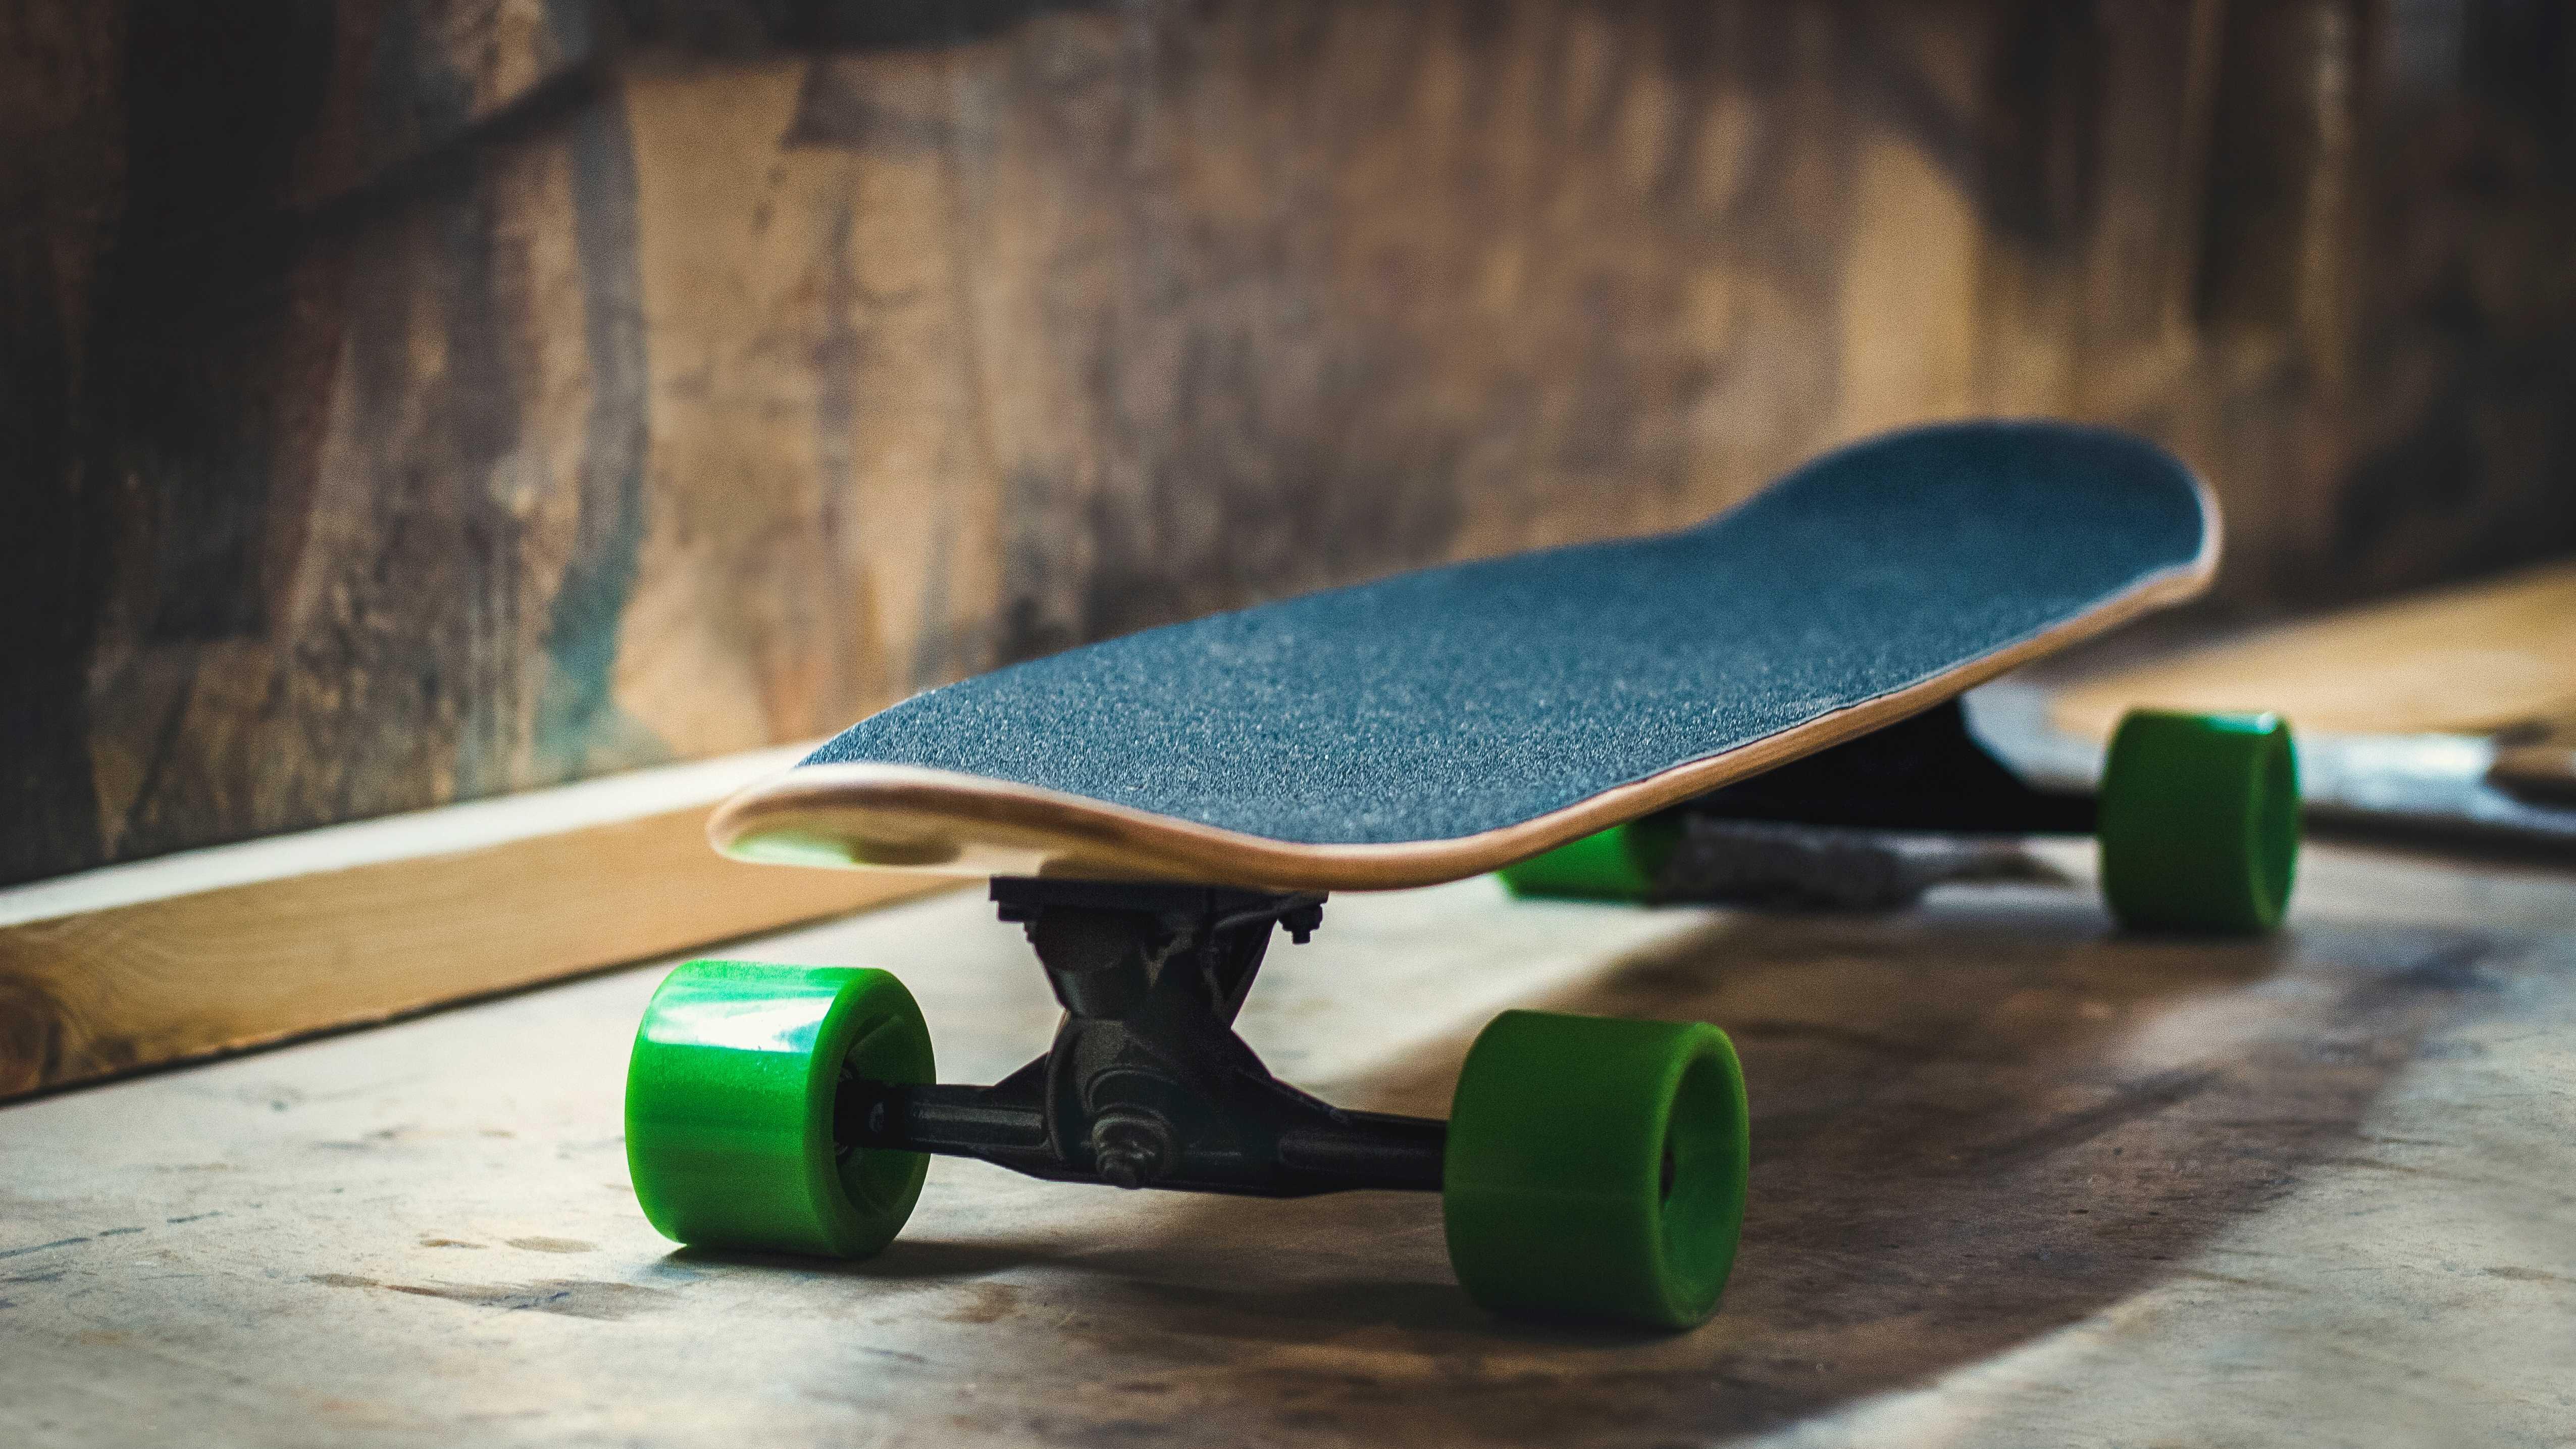 Лучшие скейтборды и лонгборды по отзывам пользователей